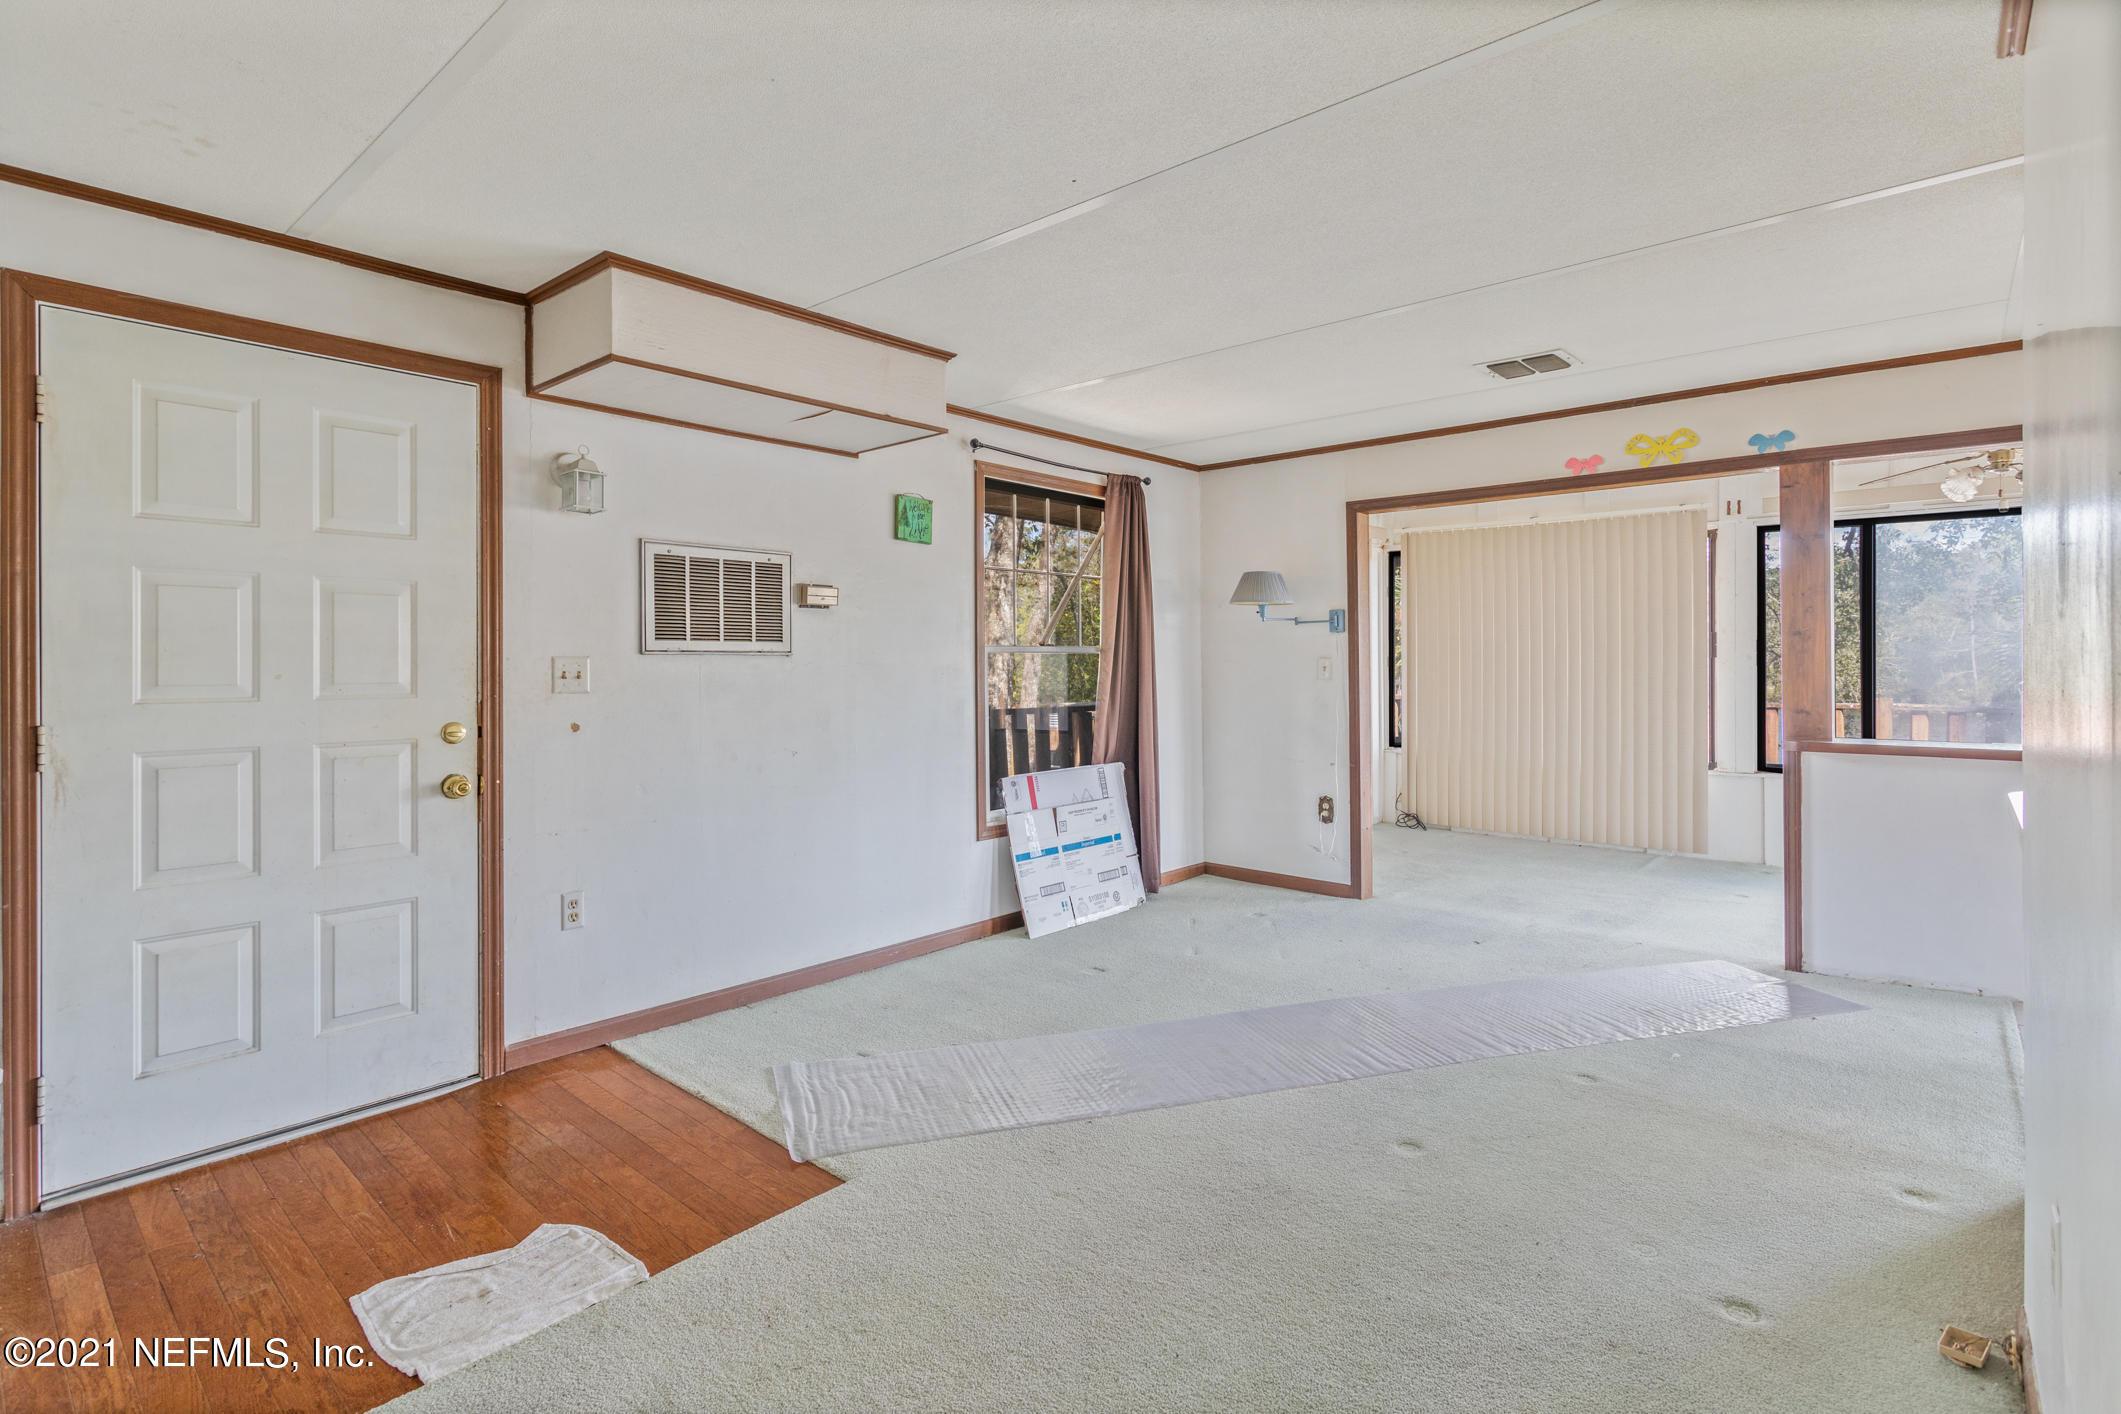 2145 BLACK CREEK, GREEN COVE SPRINGS, FLORIDA 32043, 1 Bedroom Bedrooms, ,1 BathroomBathrooms,Residential,For sale,BLACK CREEK,1098619